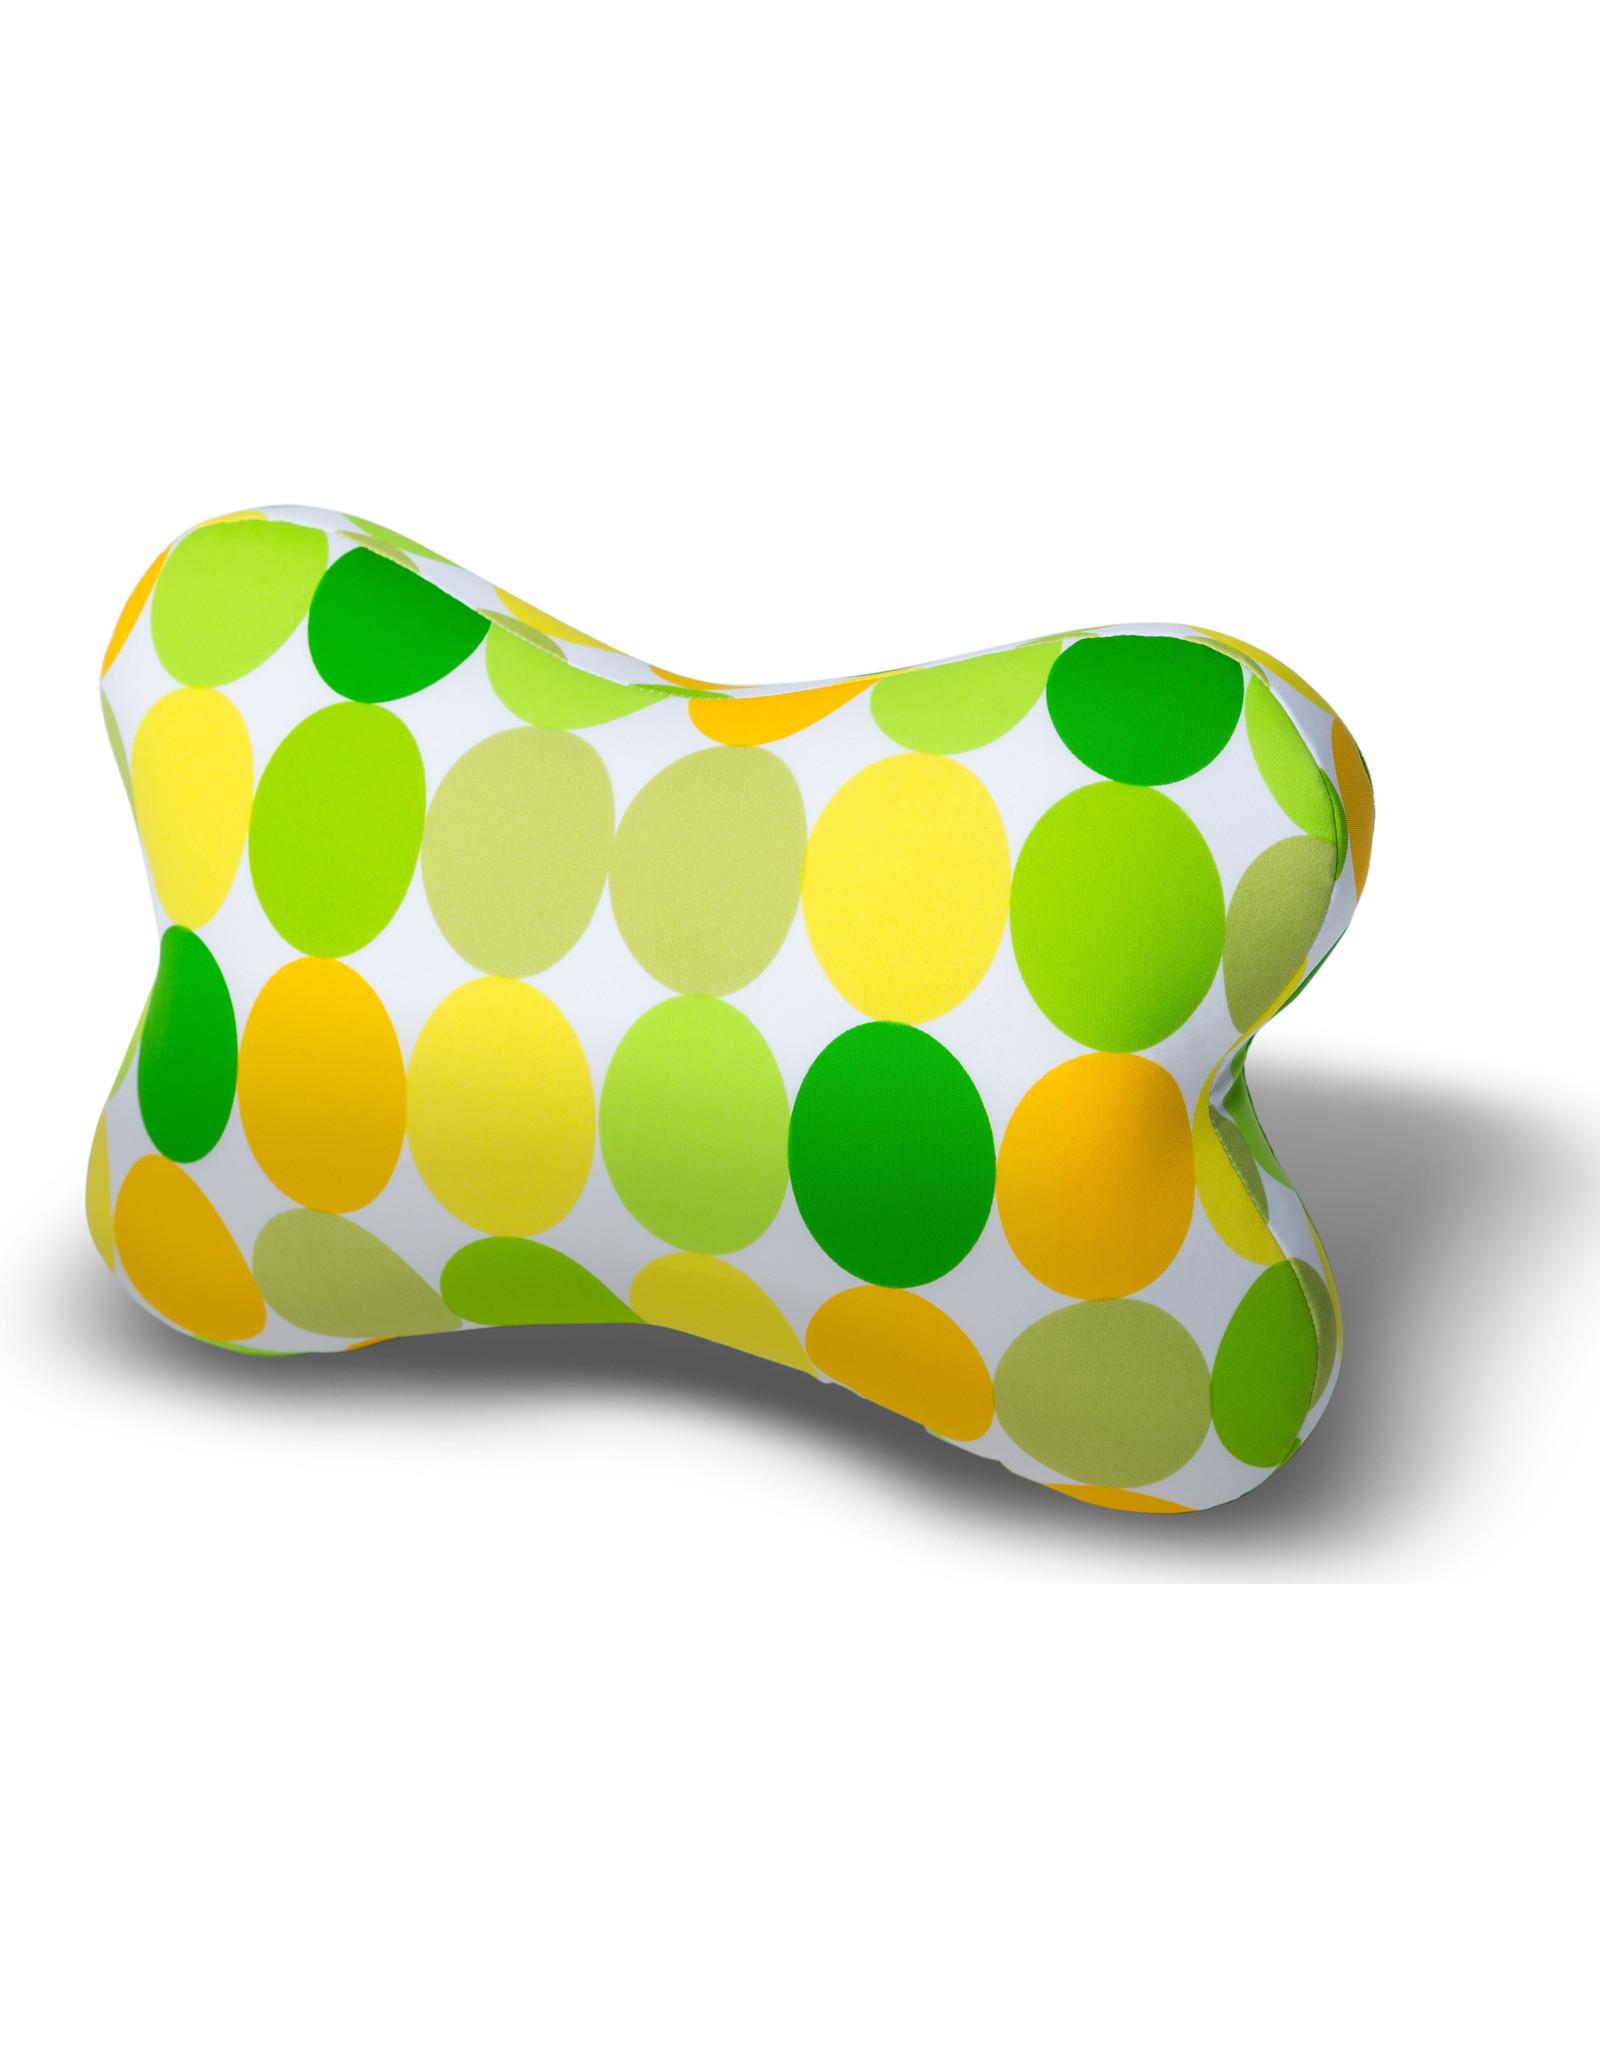 Kuschel-Maxx Kuschel-Maxx - Knochen Punkte Gelb